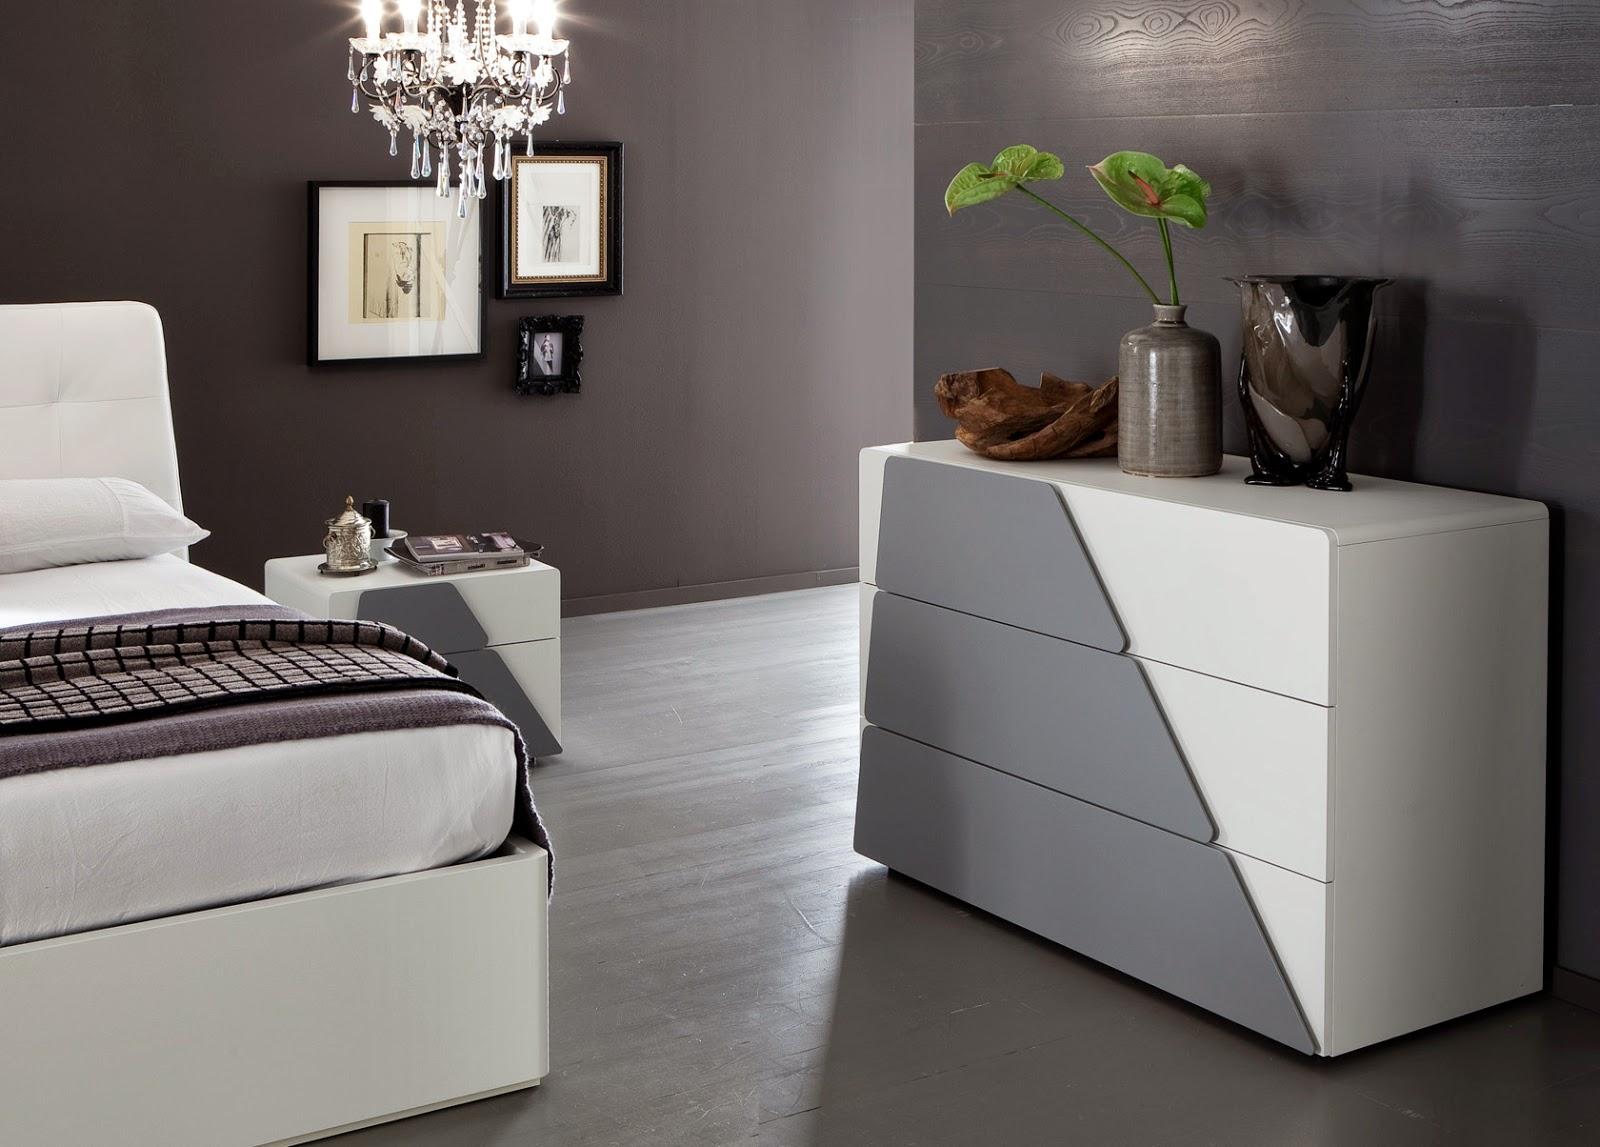 Arredi spatafora camera da letto futura tempor offerta a palermo - Camera da letto offerte ...